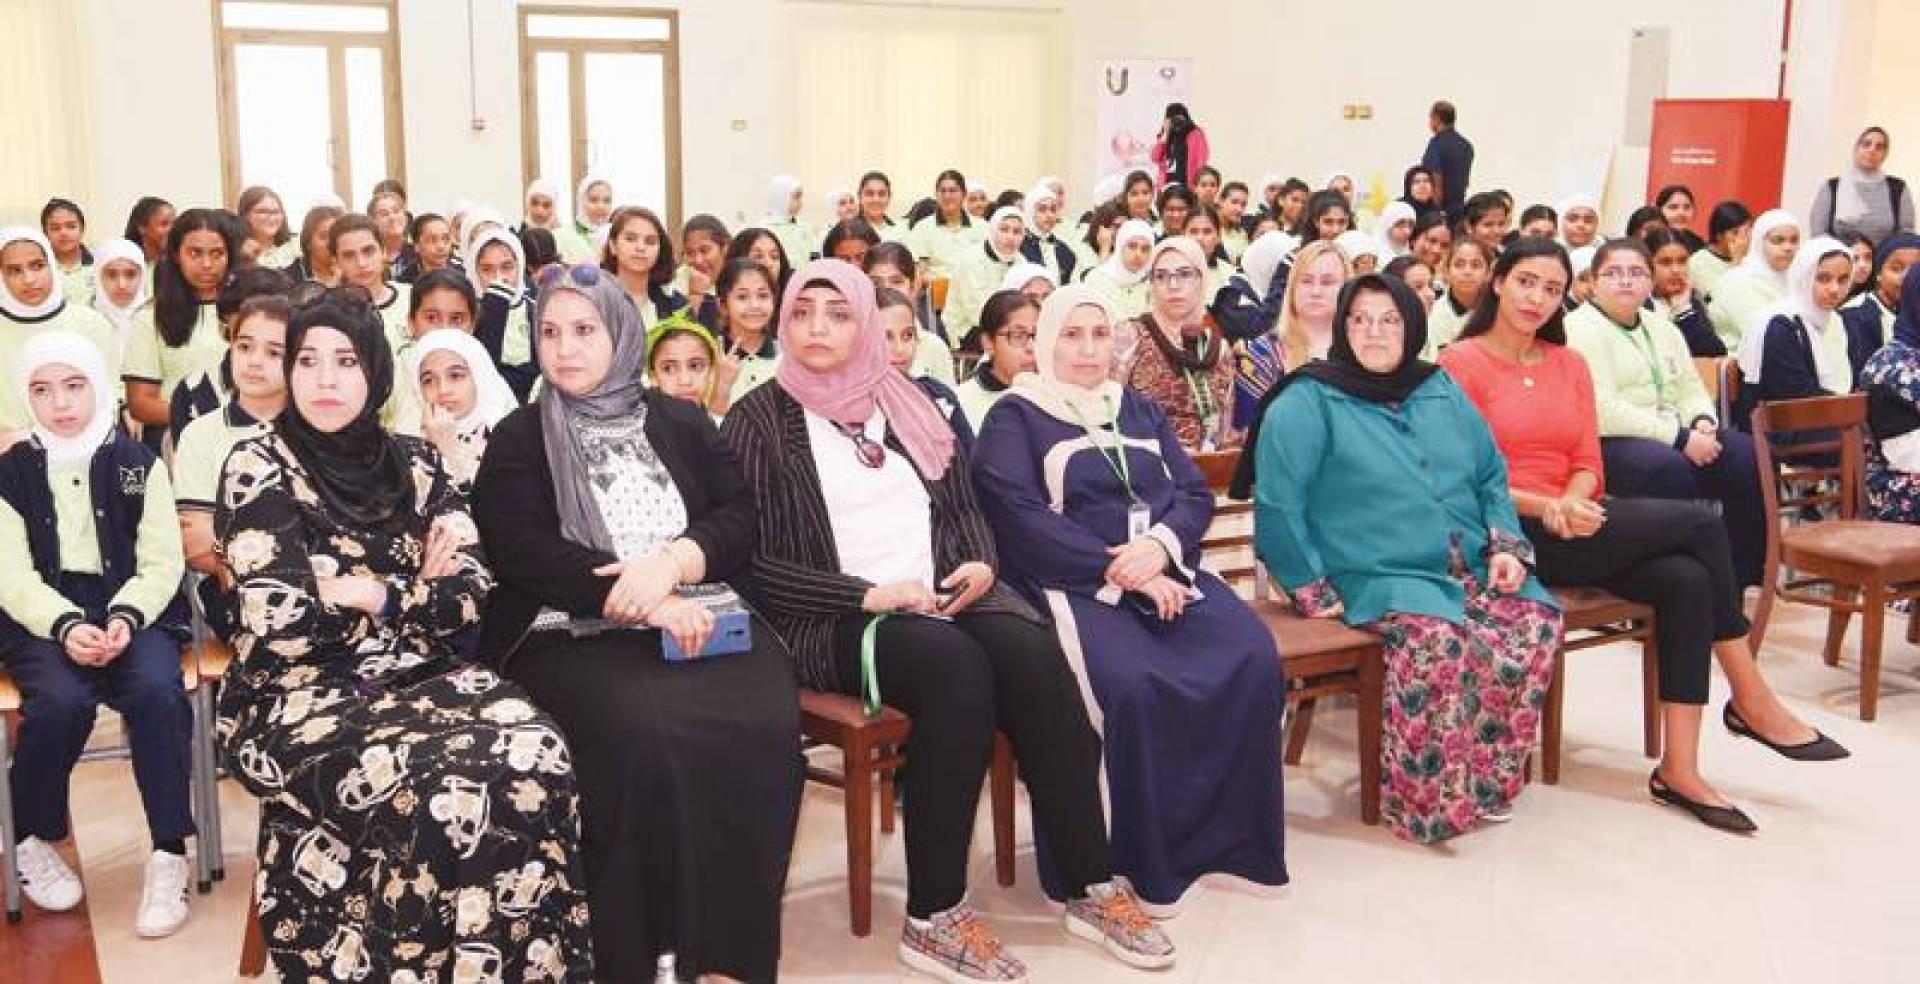 جانب من ندوة حملة «كان» في مدرسة الشهيدة أسرار القبندي| تصوير هشام خبيز